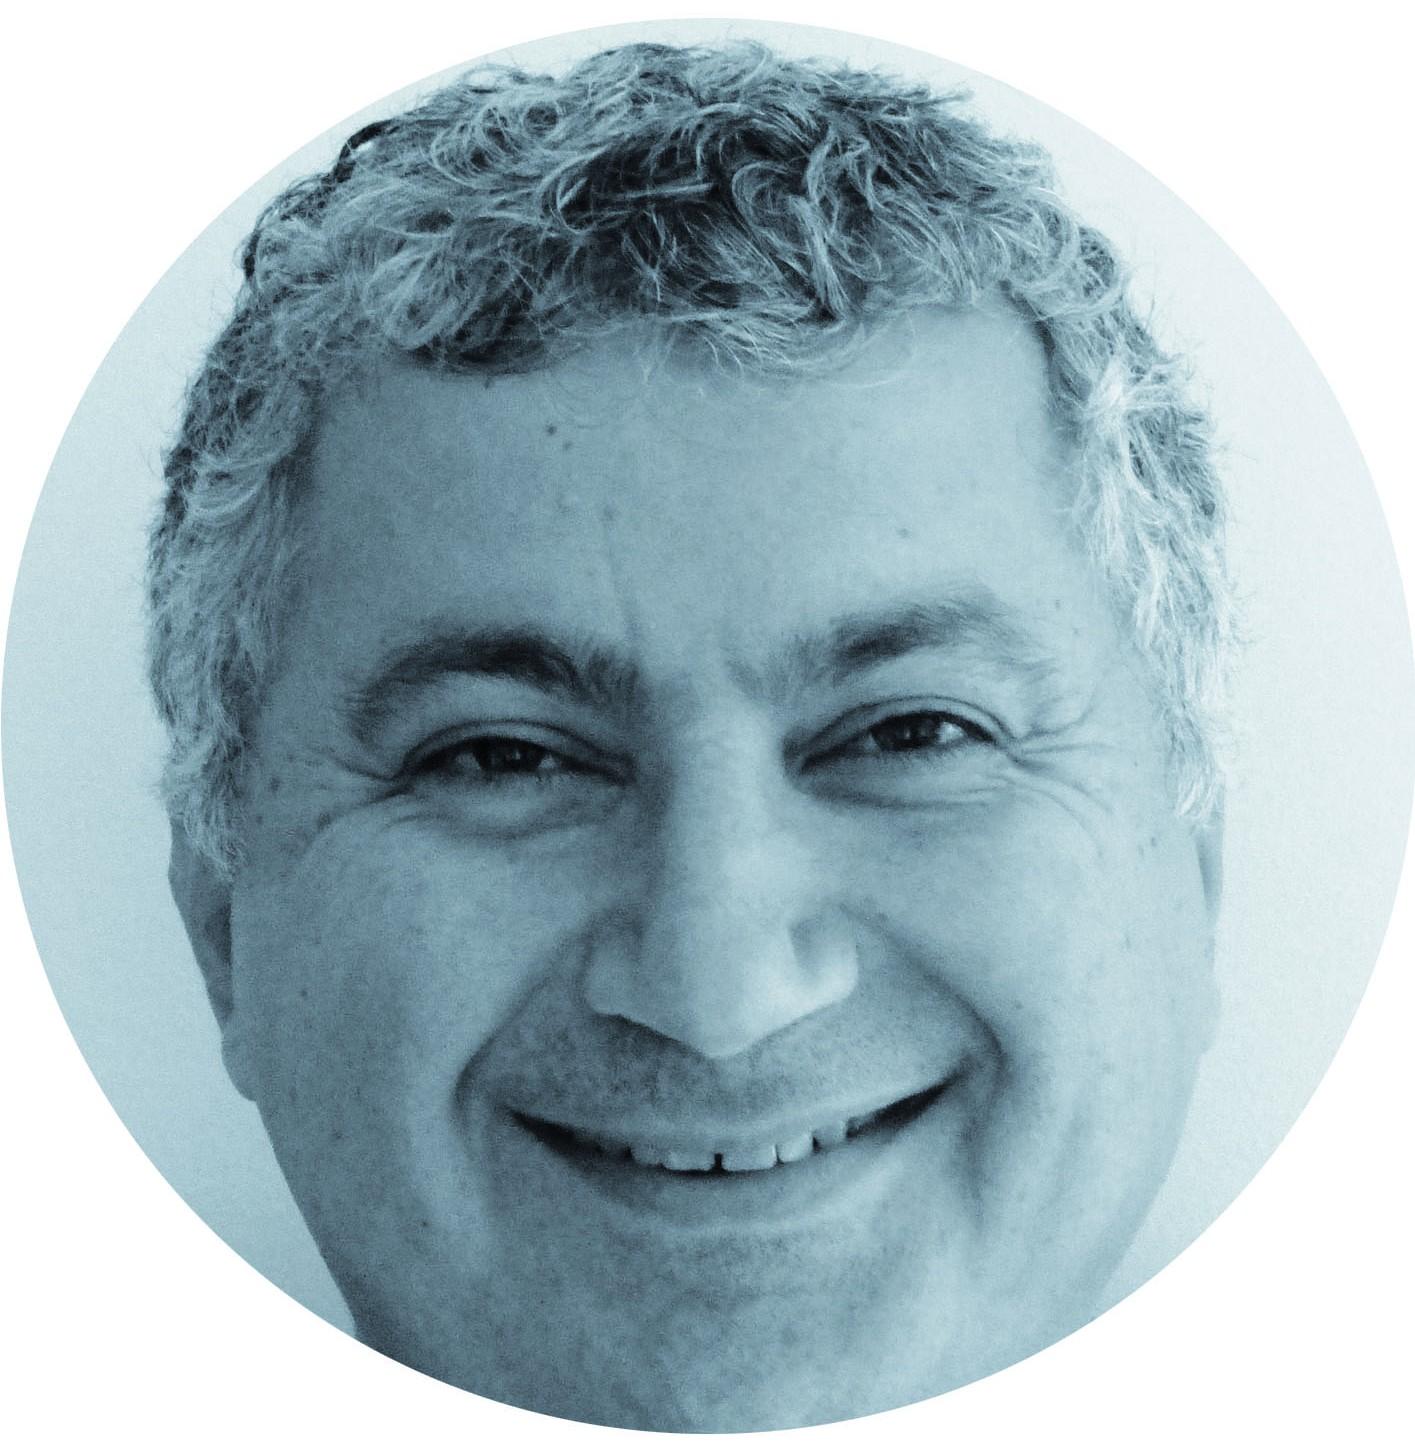 Tony Feghali